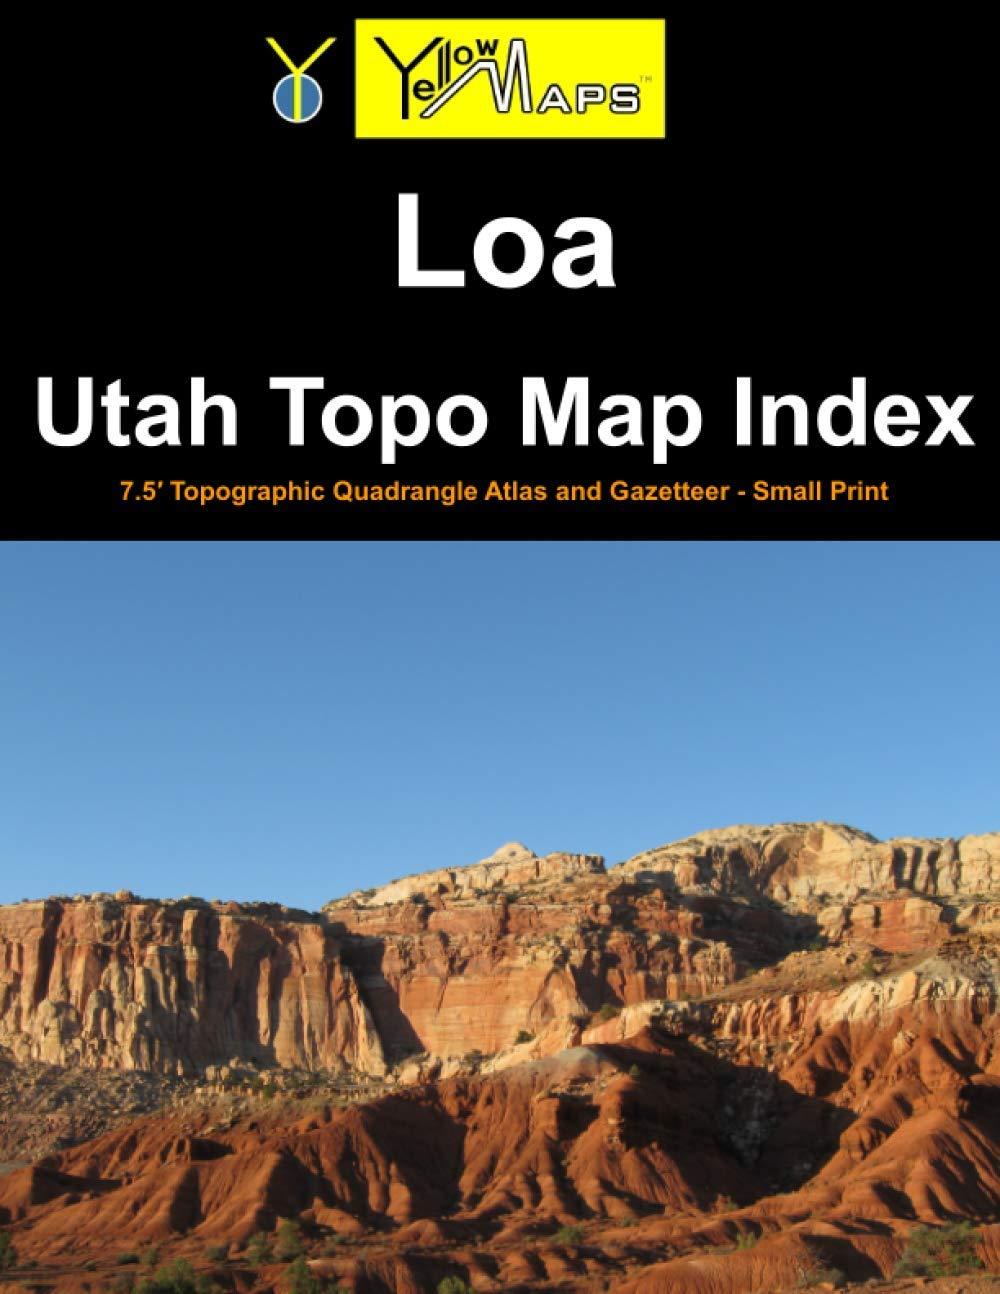 Paperback atlas: Loa Utah Topo Map Index